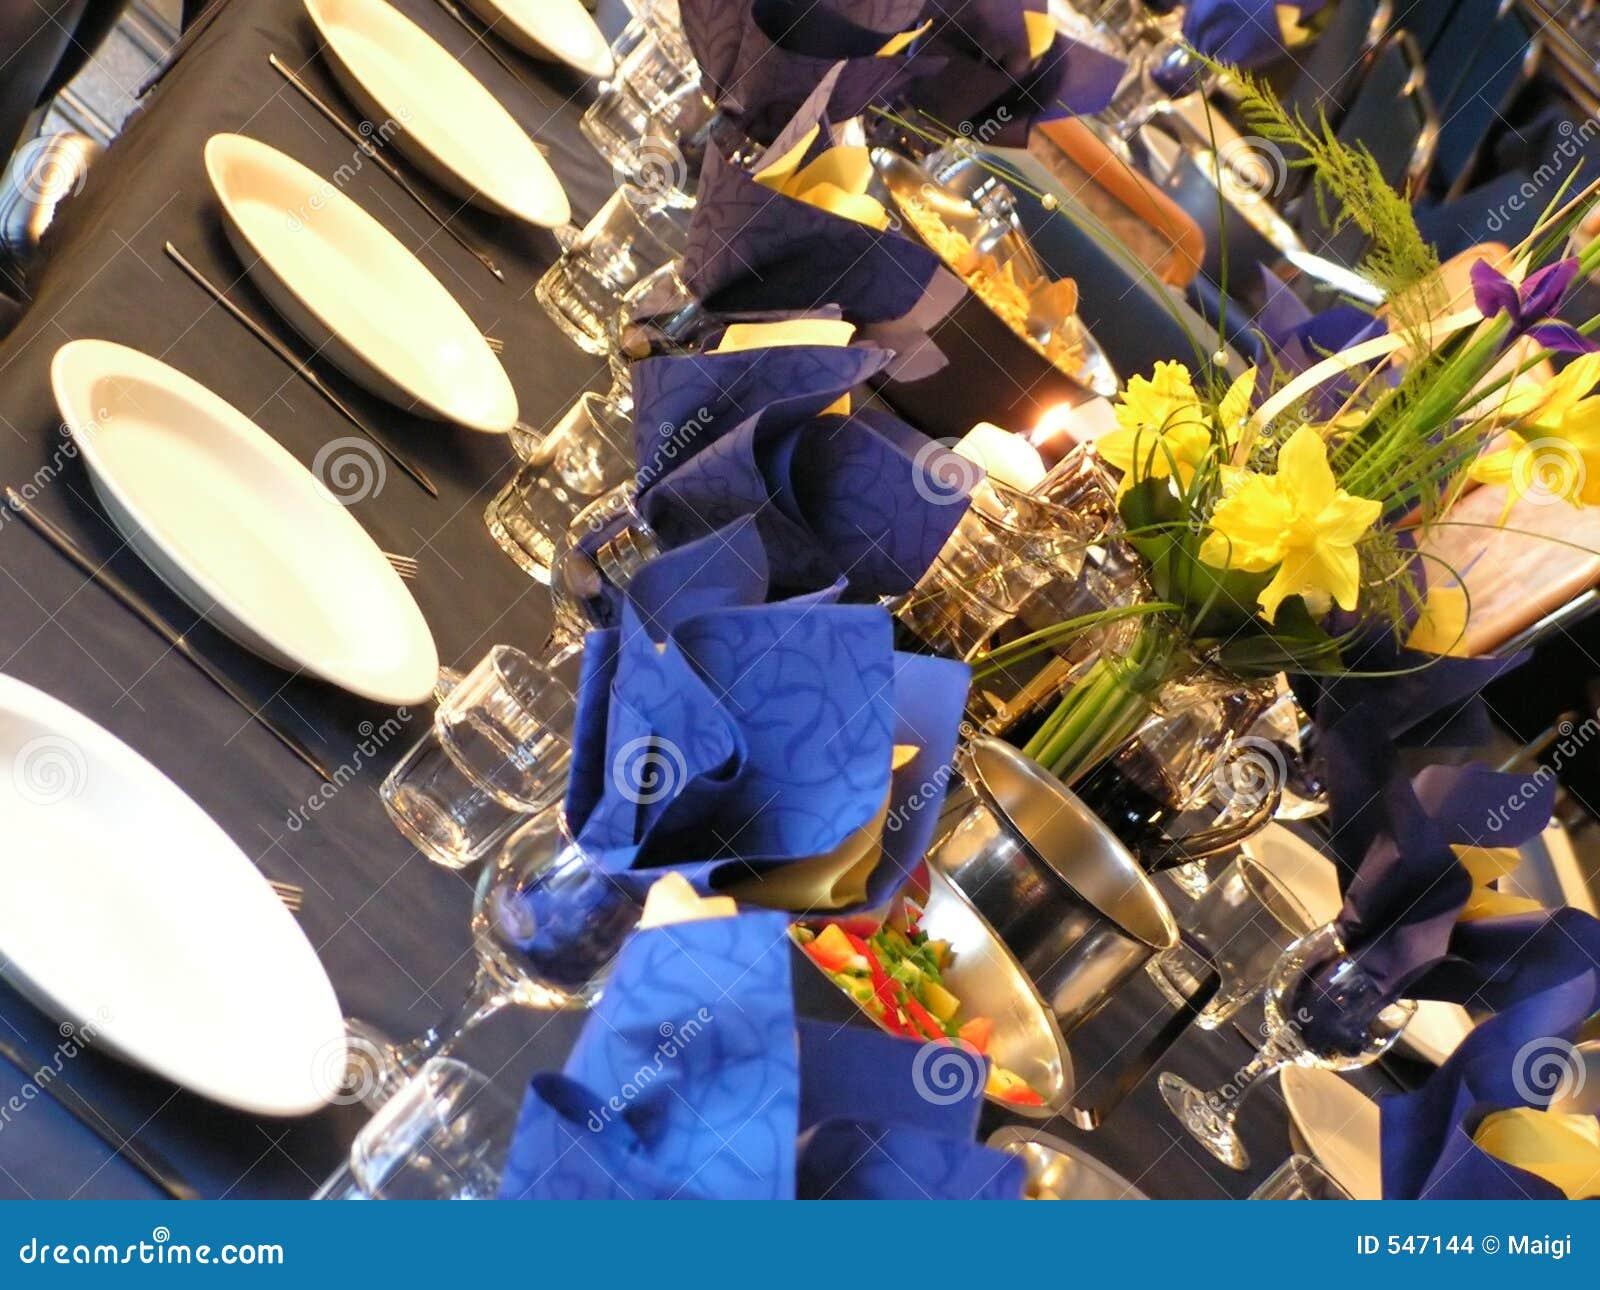 Download 蓝色当事人表 库存照片. 图片 包括有 投反对票, 陶器, 牌照, 金属, 时髦, 刀叉餐具, 言情, 空间 - 547144